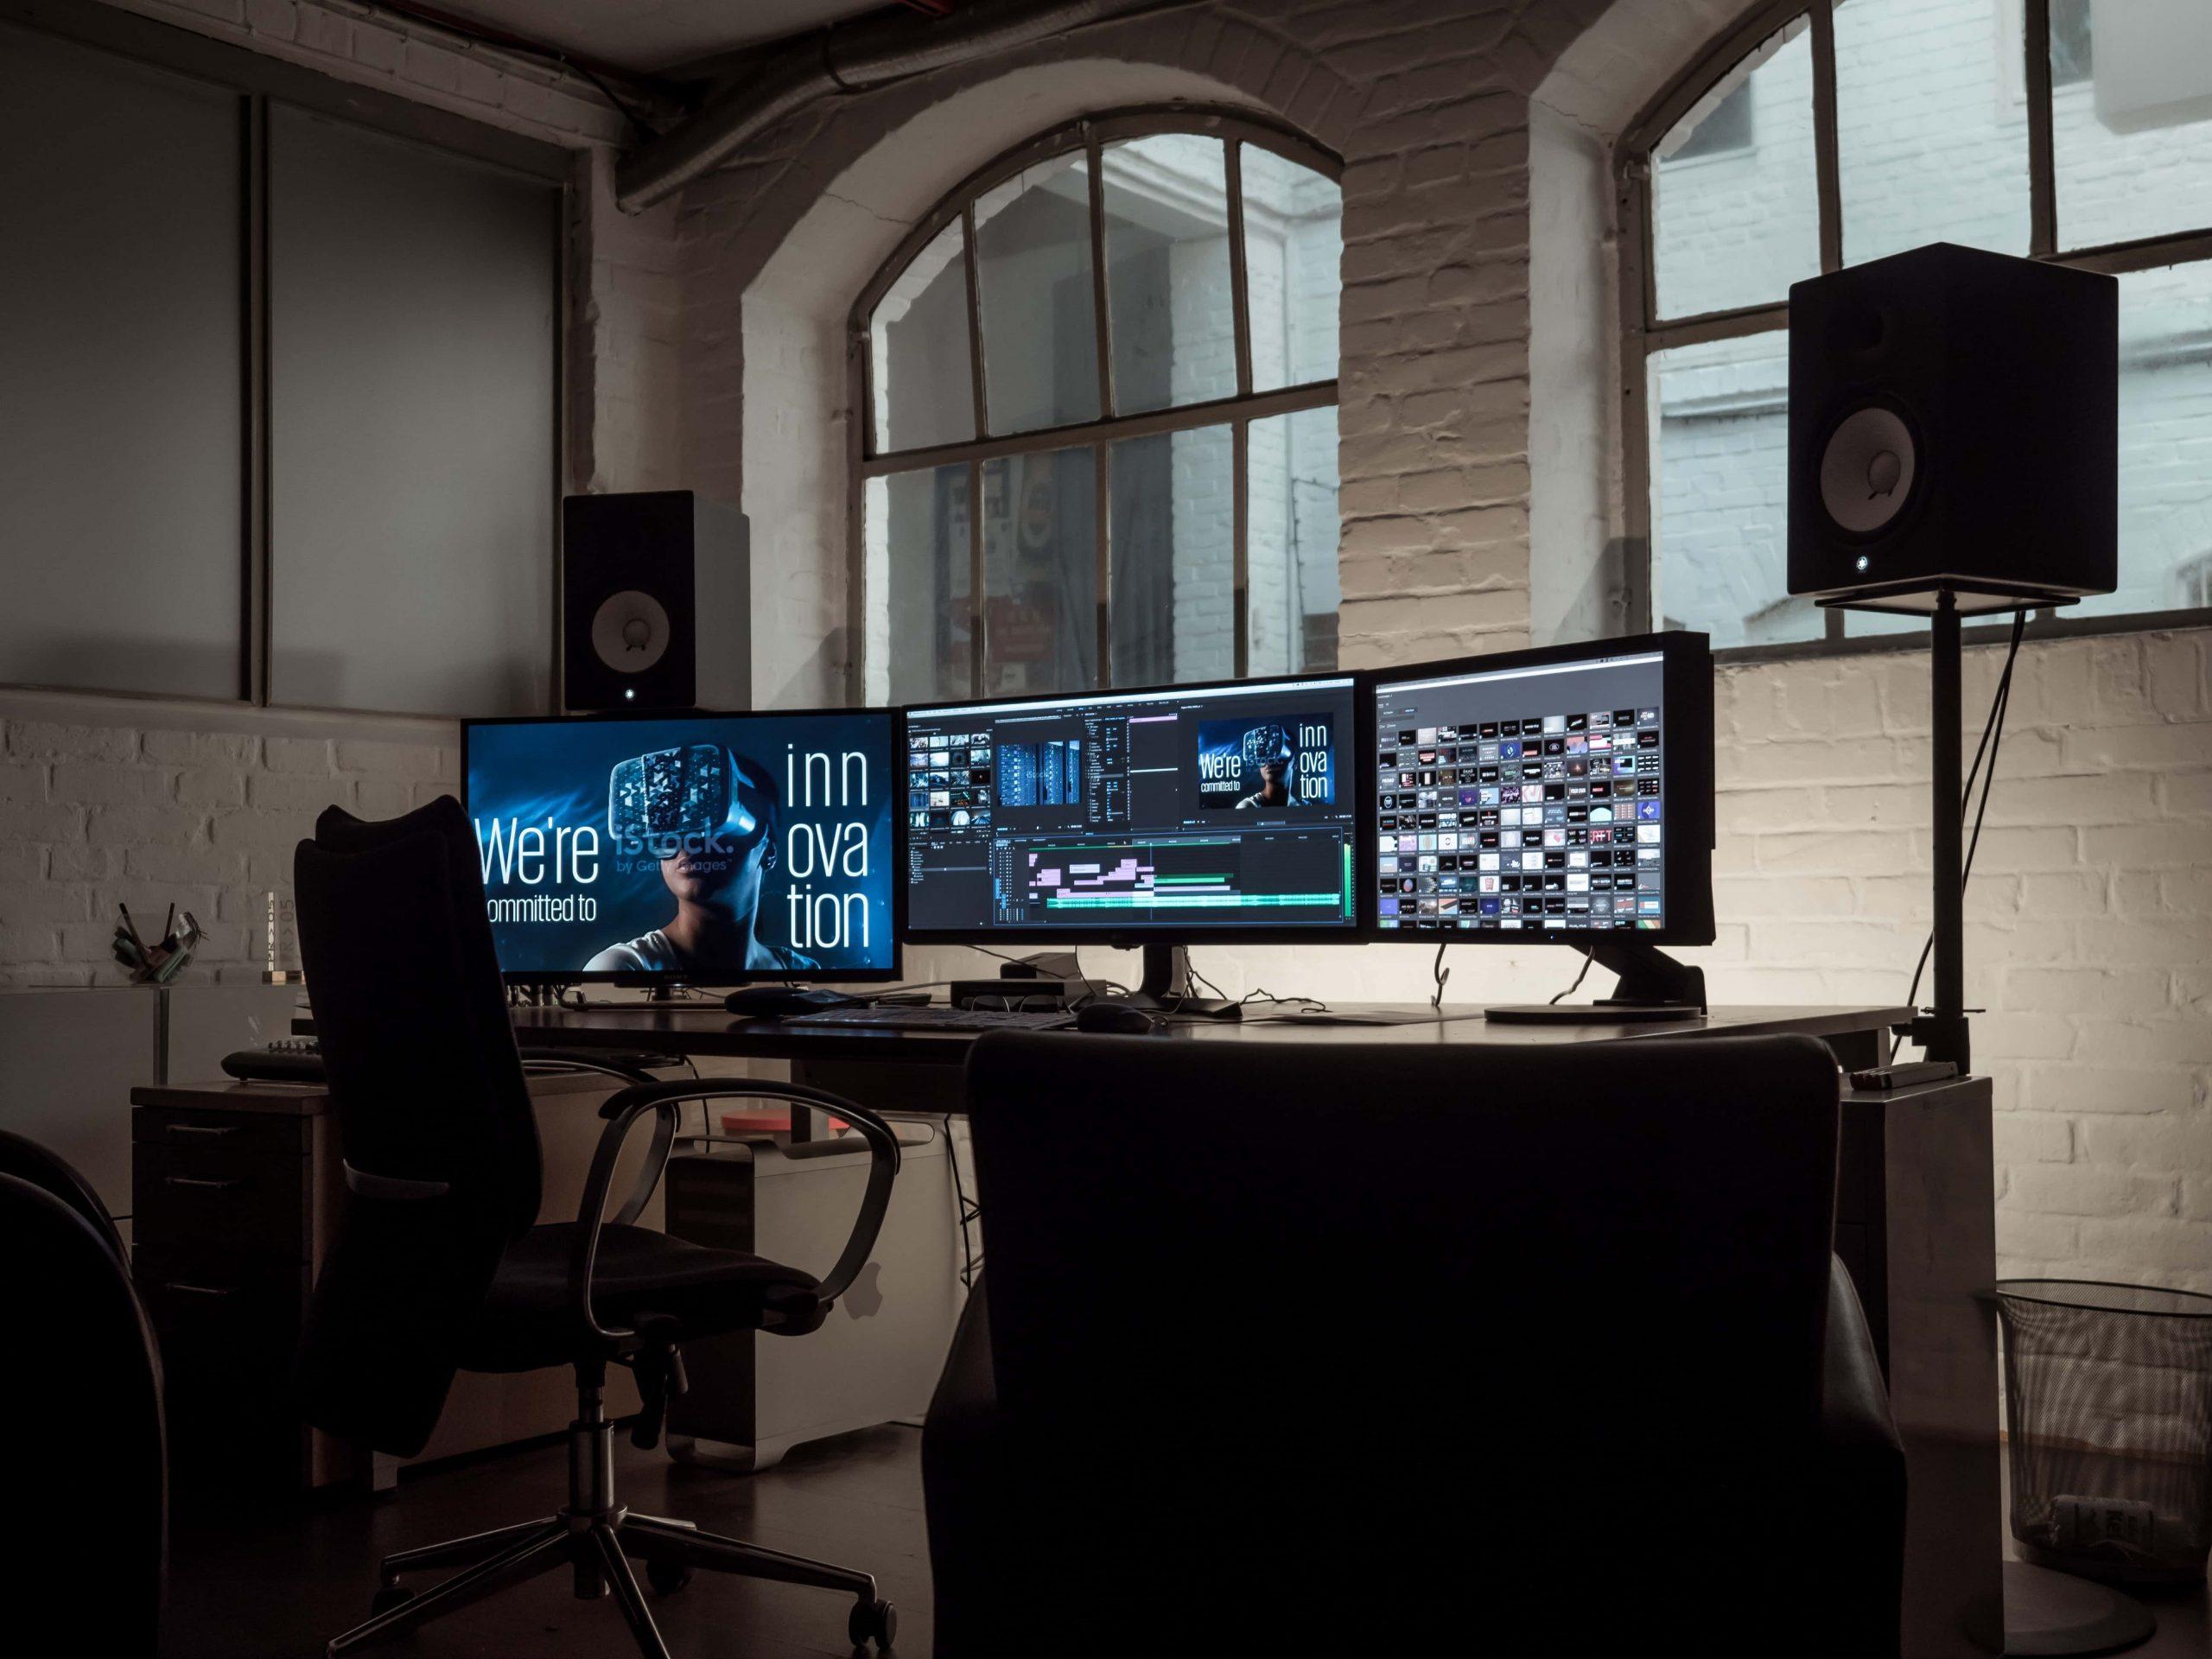 Imagem mostra três monitores em suportes em cima de uma mesa.